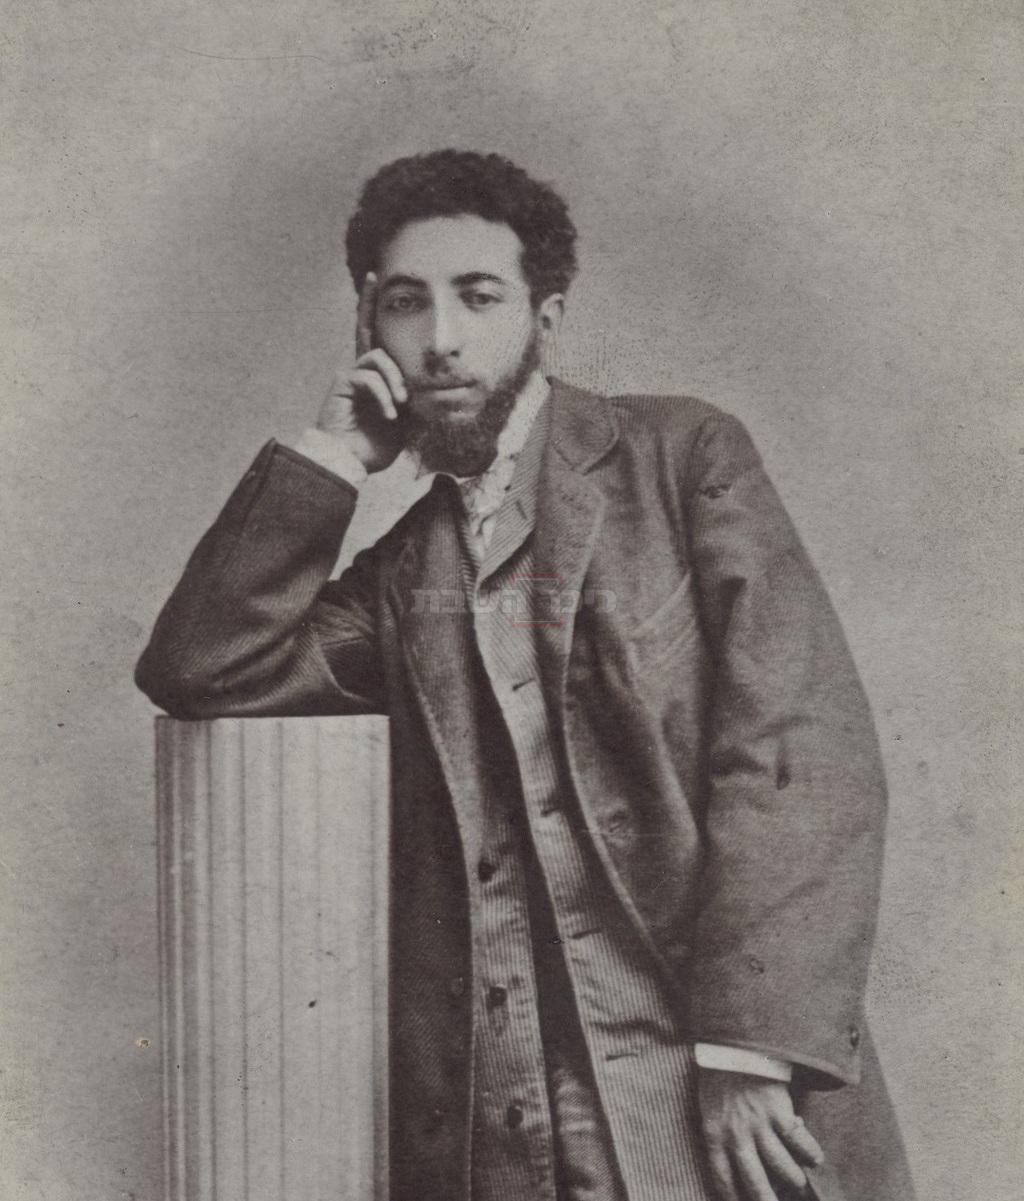 מאוריצי גוֹטליבּ בשנתו האחרונה (הספרייה הלאומית לישראל, ויקיפדיה)